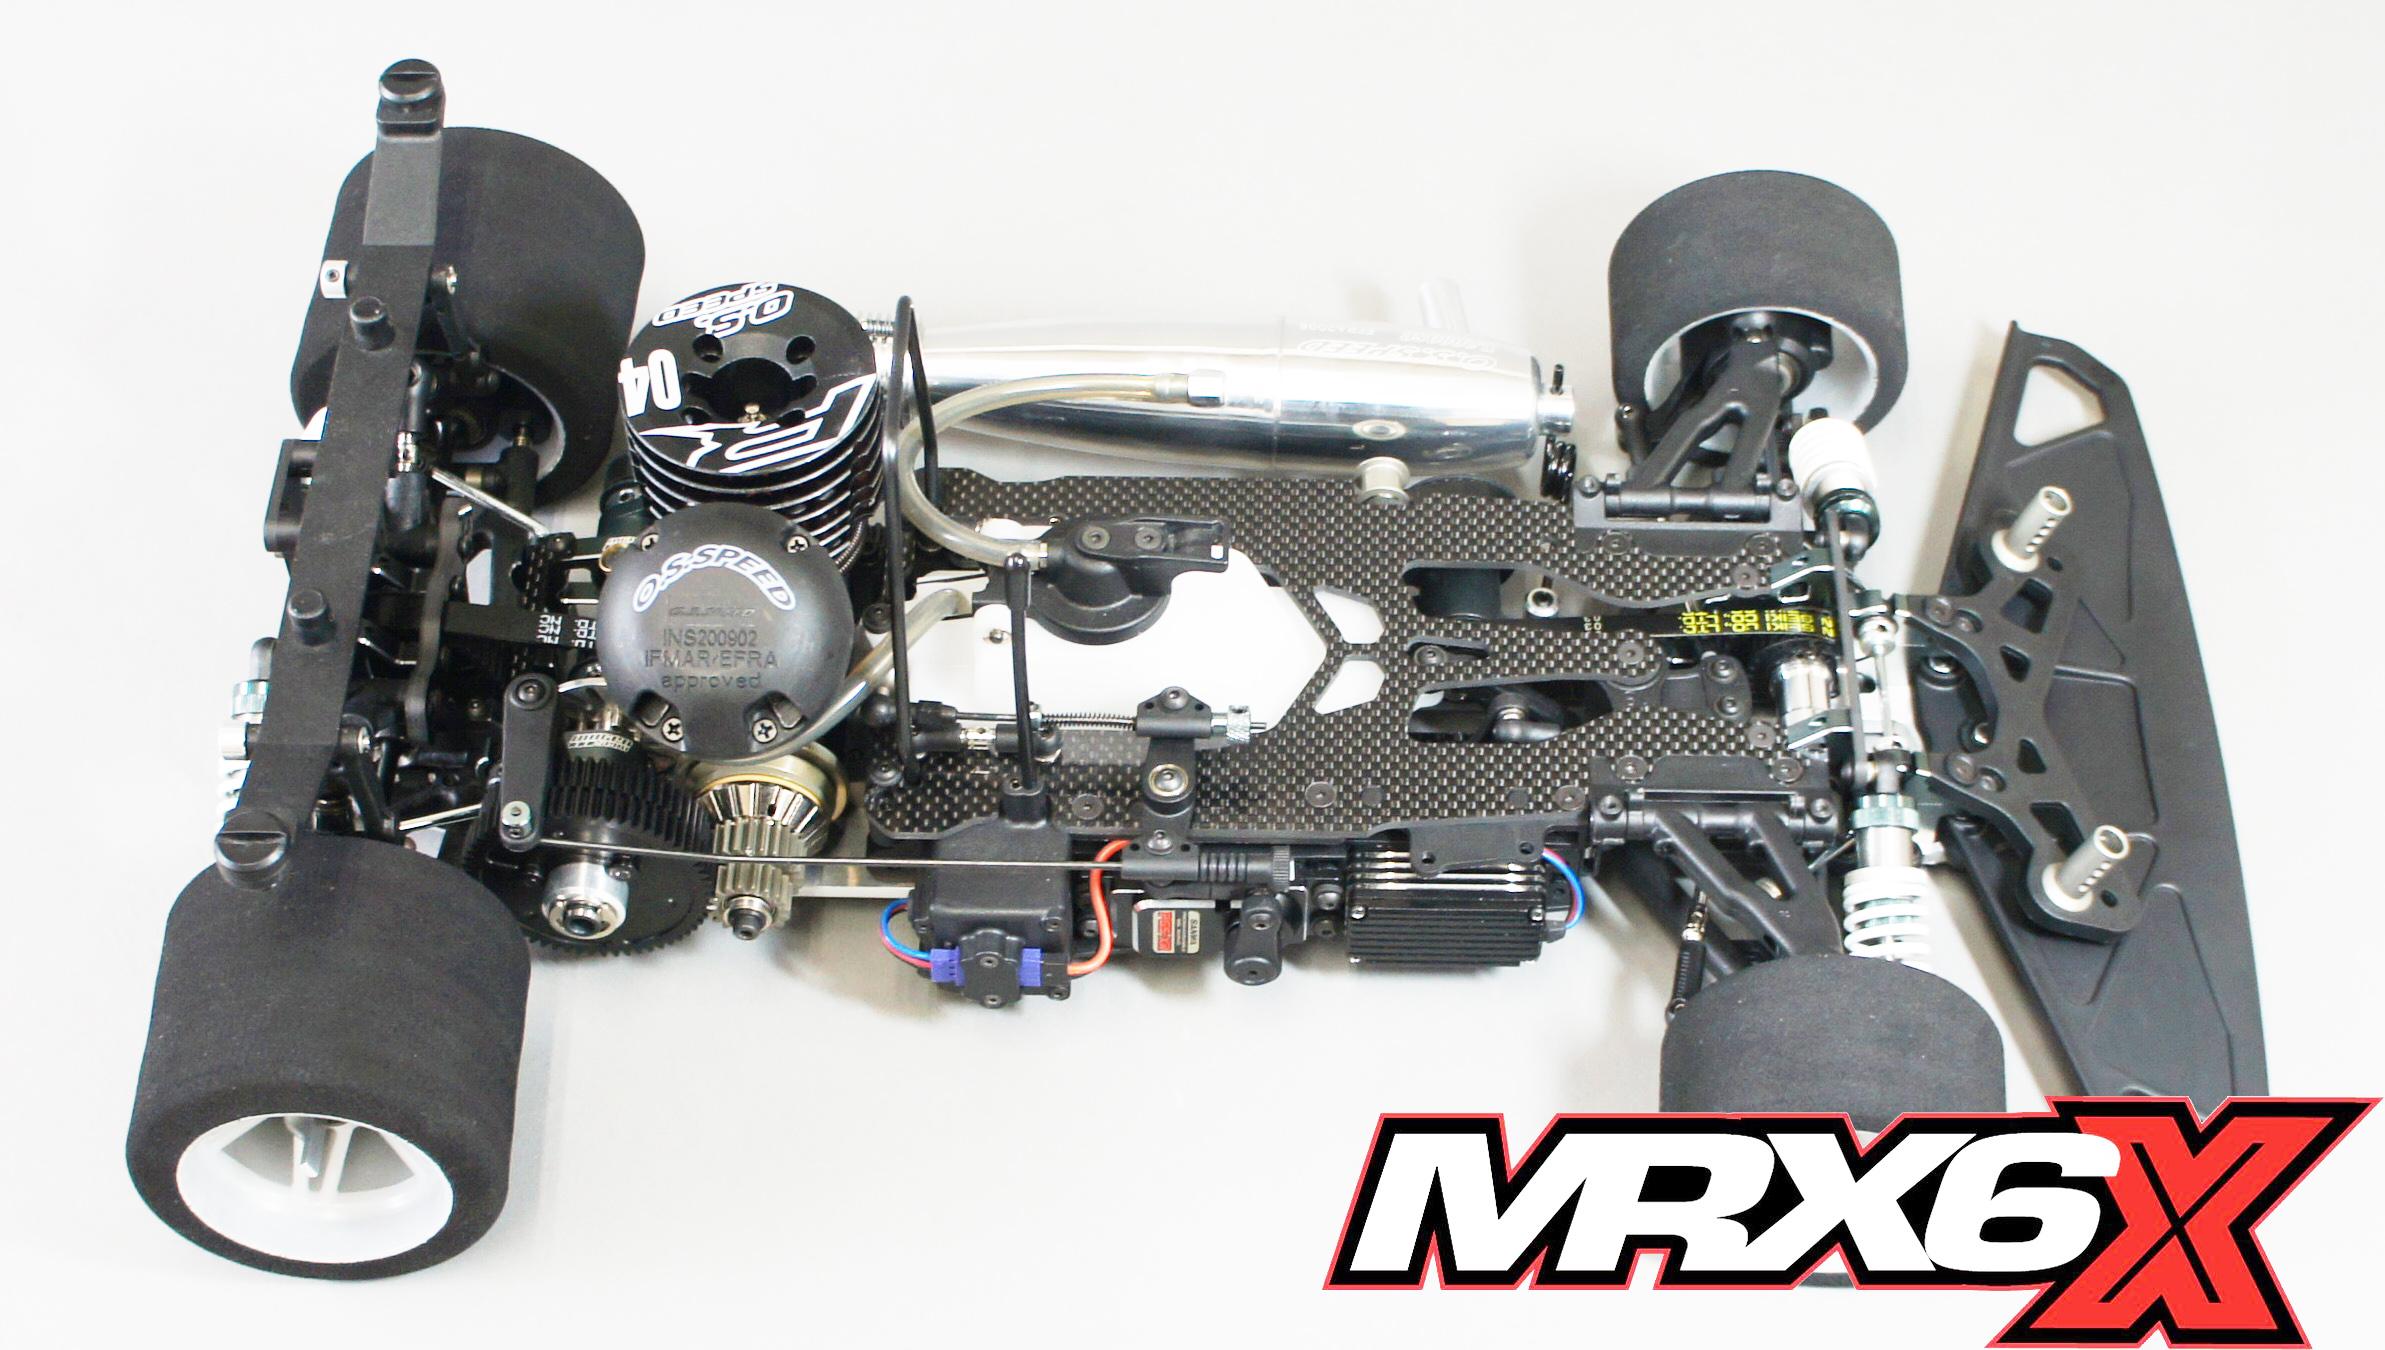 mrx6x-5.jpg